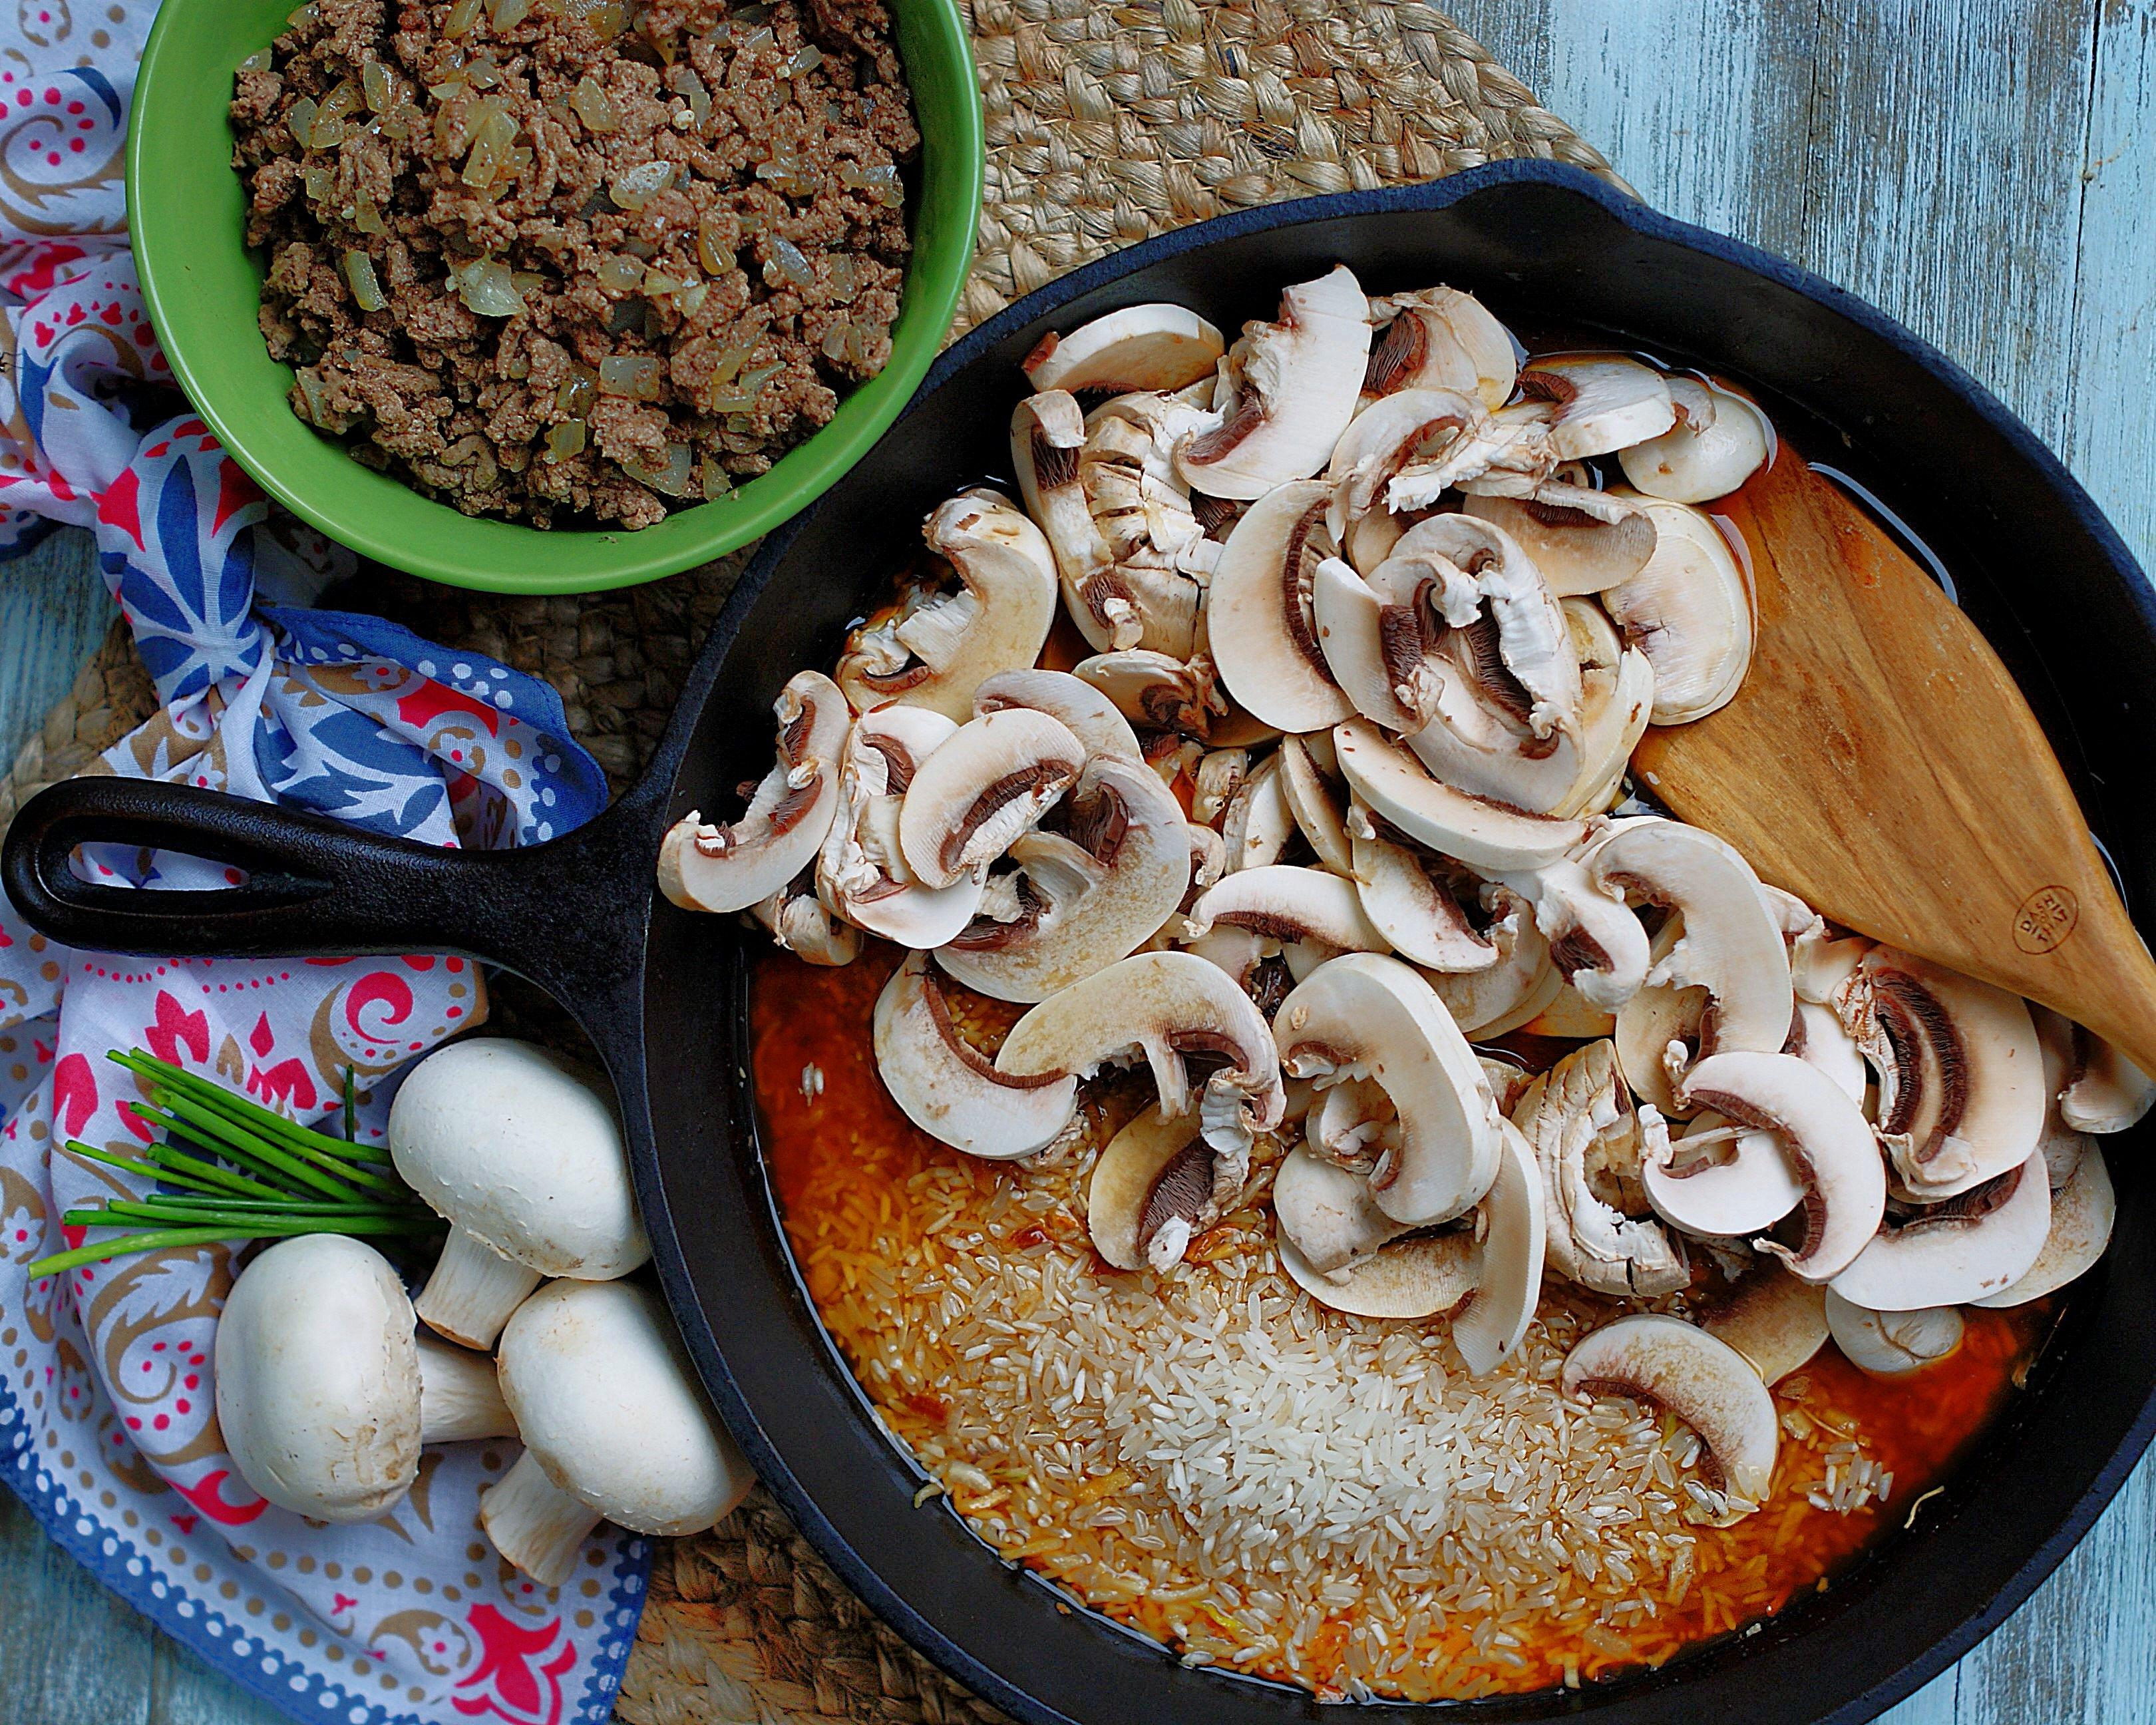 Beef & Mushroom Rice Ingredients